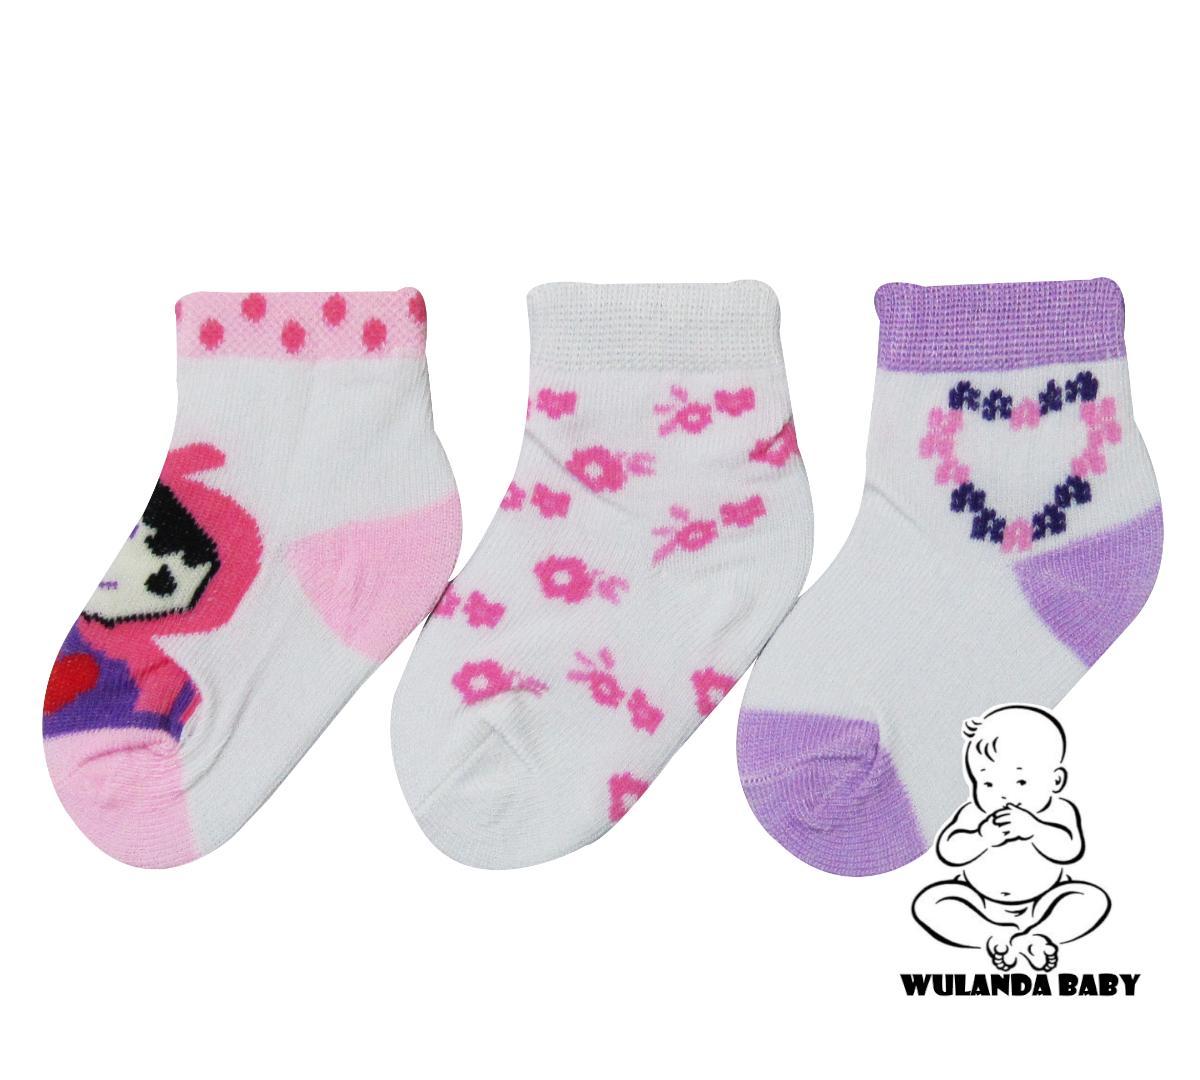 Wulanda 3 pasang kaus kaki anak bayi 0-6 bulan